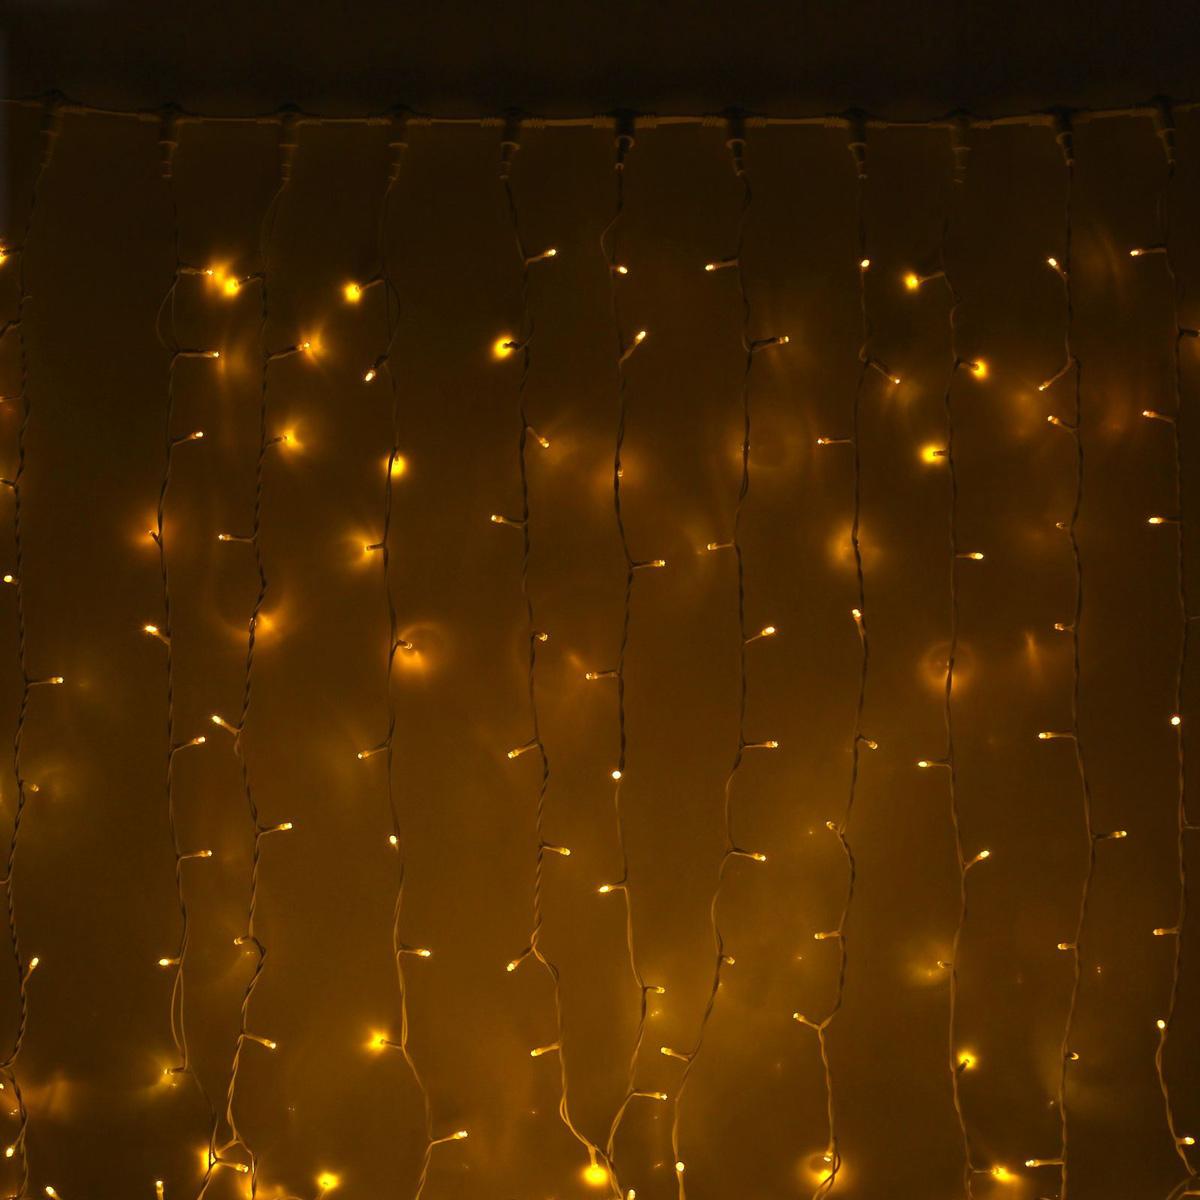 Гирлянда светодиодная Luazon Занавес, цвет: желтый, уличная, 1440 ламп, 220 V, 2 х 6 м. 10802701080270Светодиодные гирлянды и ленты — это отличный вариант для новогоднего оформления интерьера или фасада. С их помощью помещение любого размера можно превратить в праздничный зал, а внешние элементы зданий, украшенные ими, мгновенно станут напоминать очертания сказочного дворца. Такие украшения создают ауру предвкушения чуда. Деревья, фасады, витрины, окна и арки будто специально созданы, чтобы вы украсили их светящимися нитями.